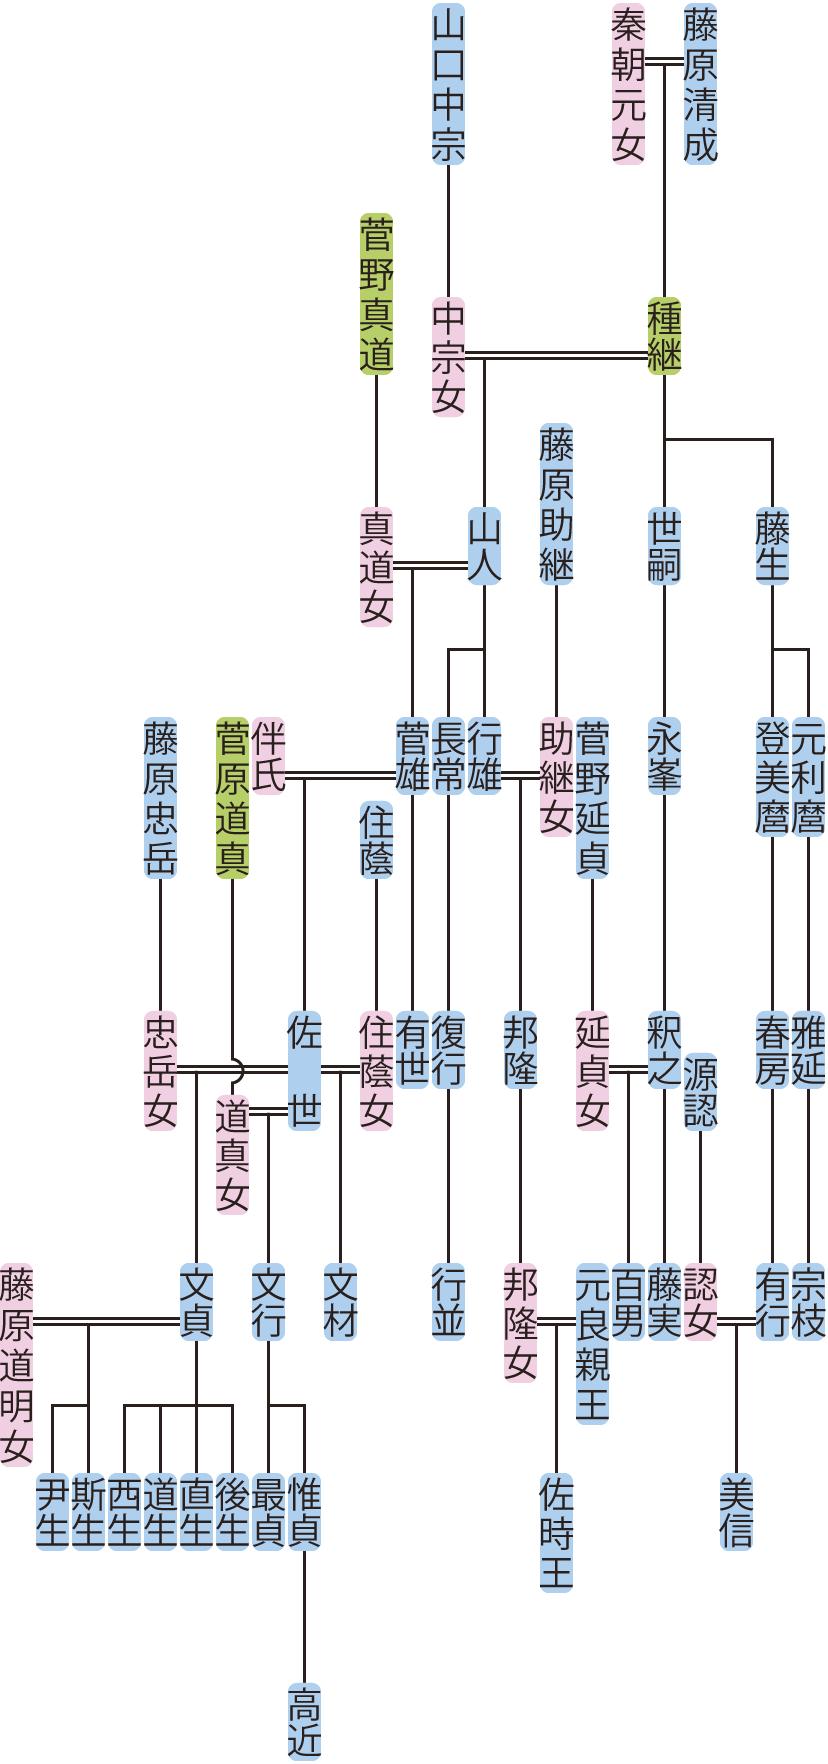 藤原山人・藤生・世嗣の系図